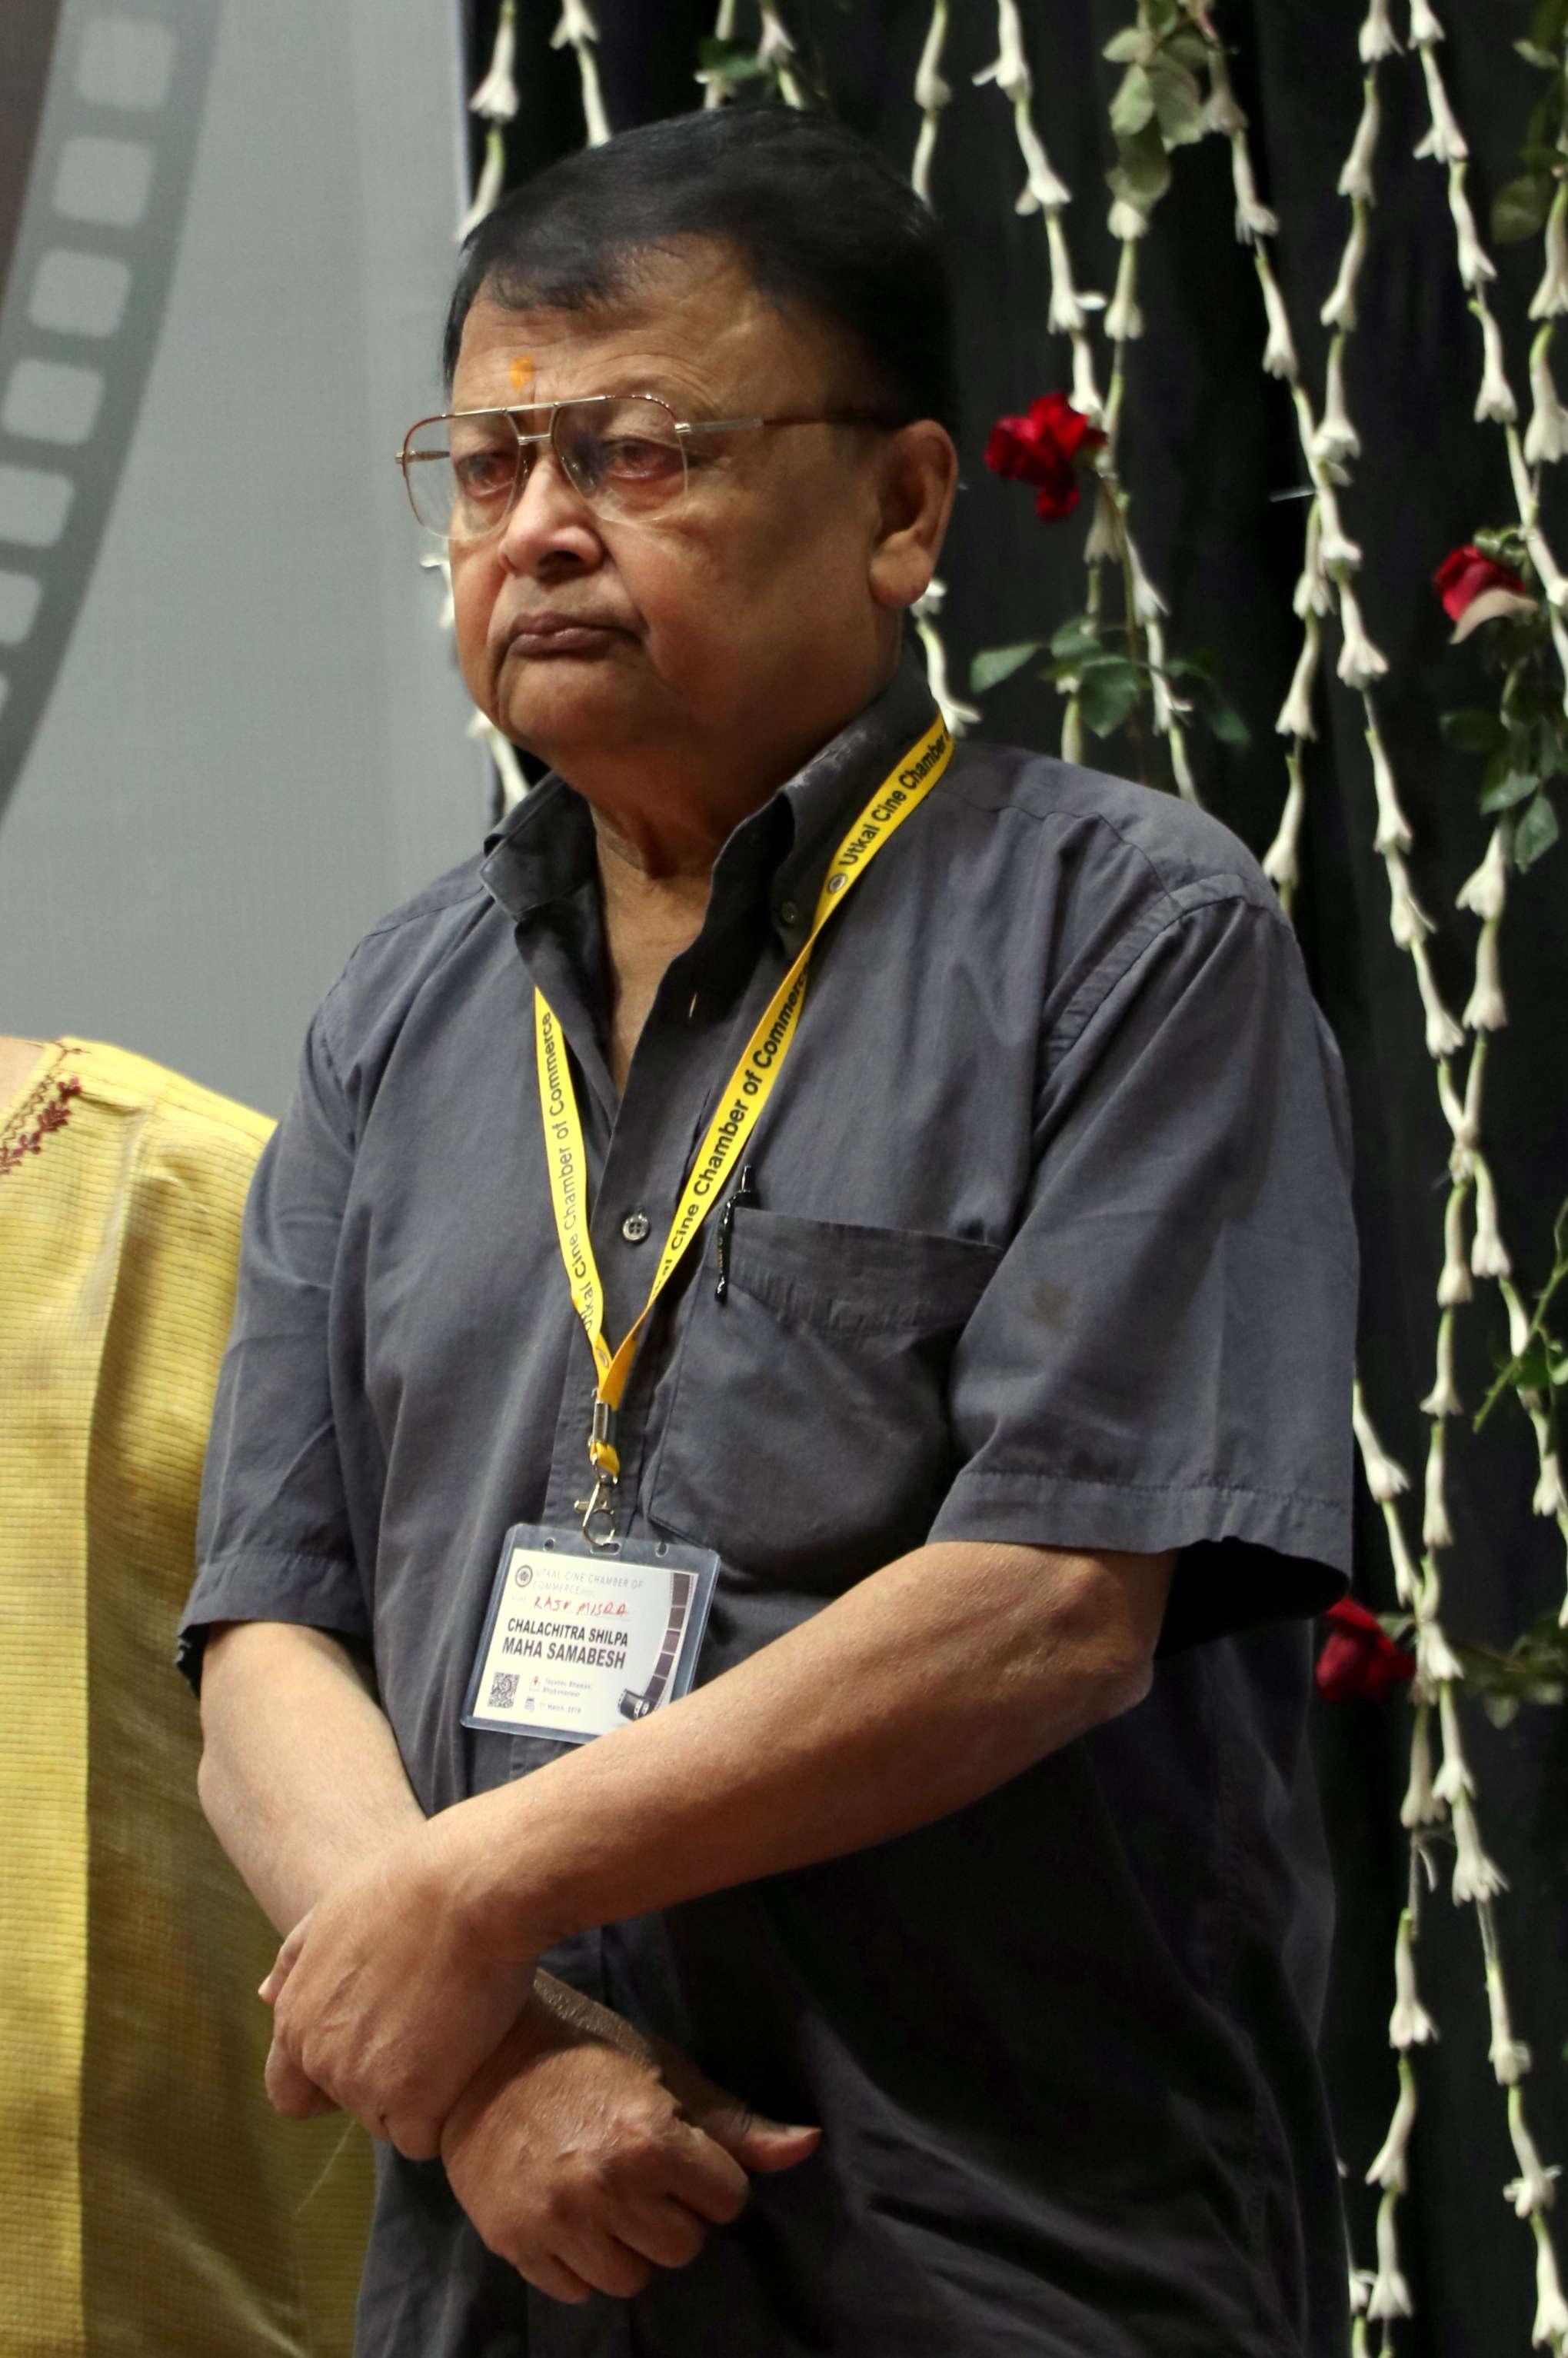 RAJU MISHRA, filmmaker